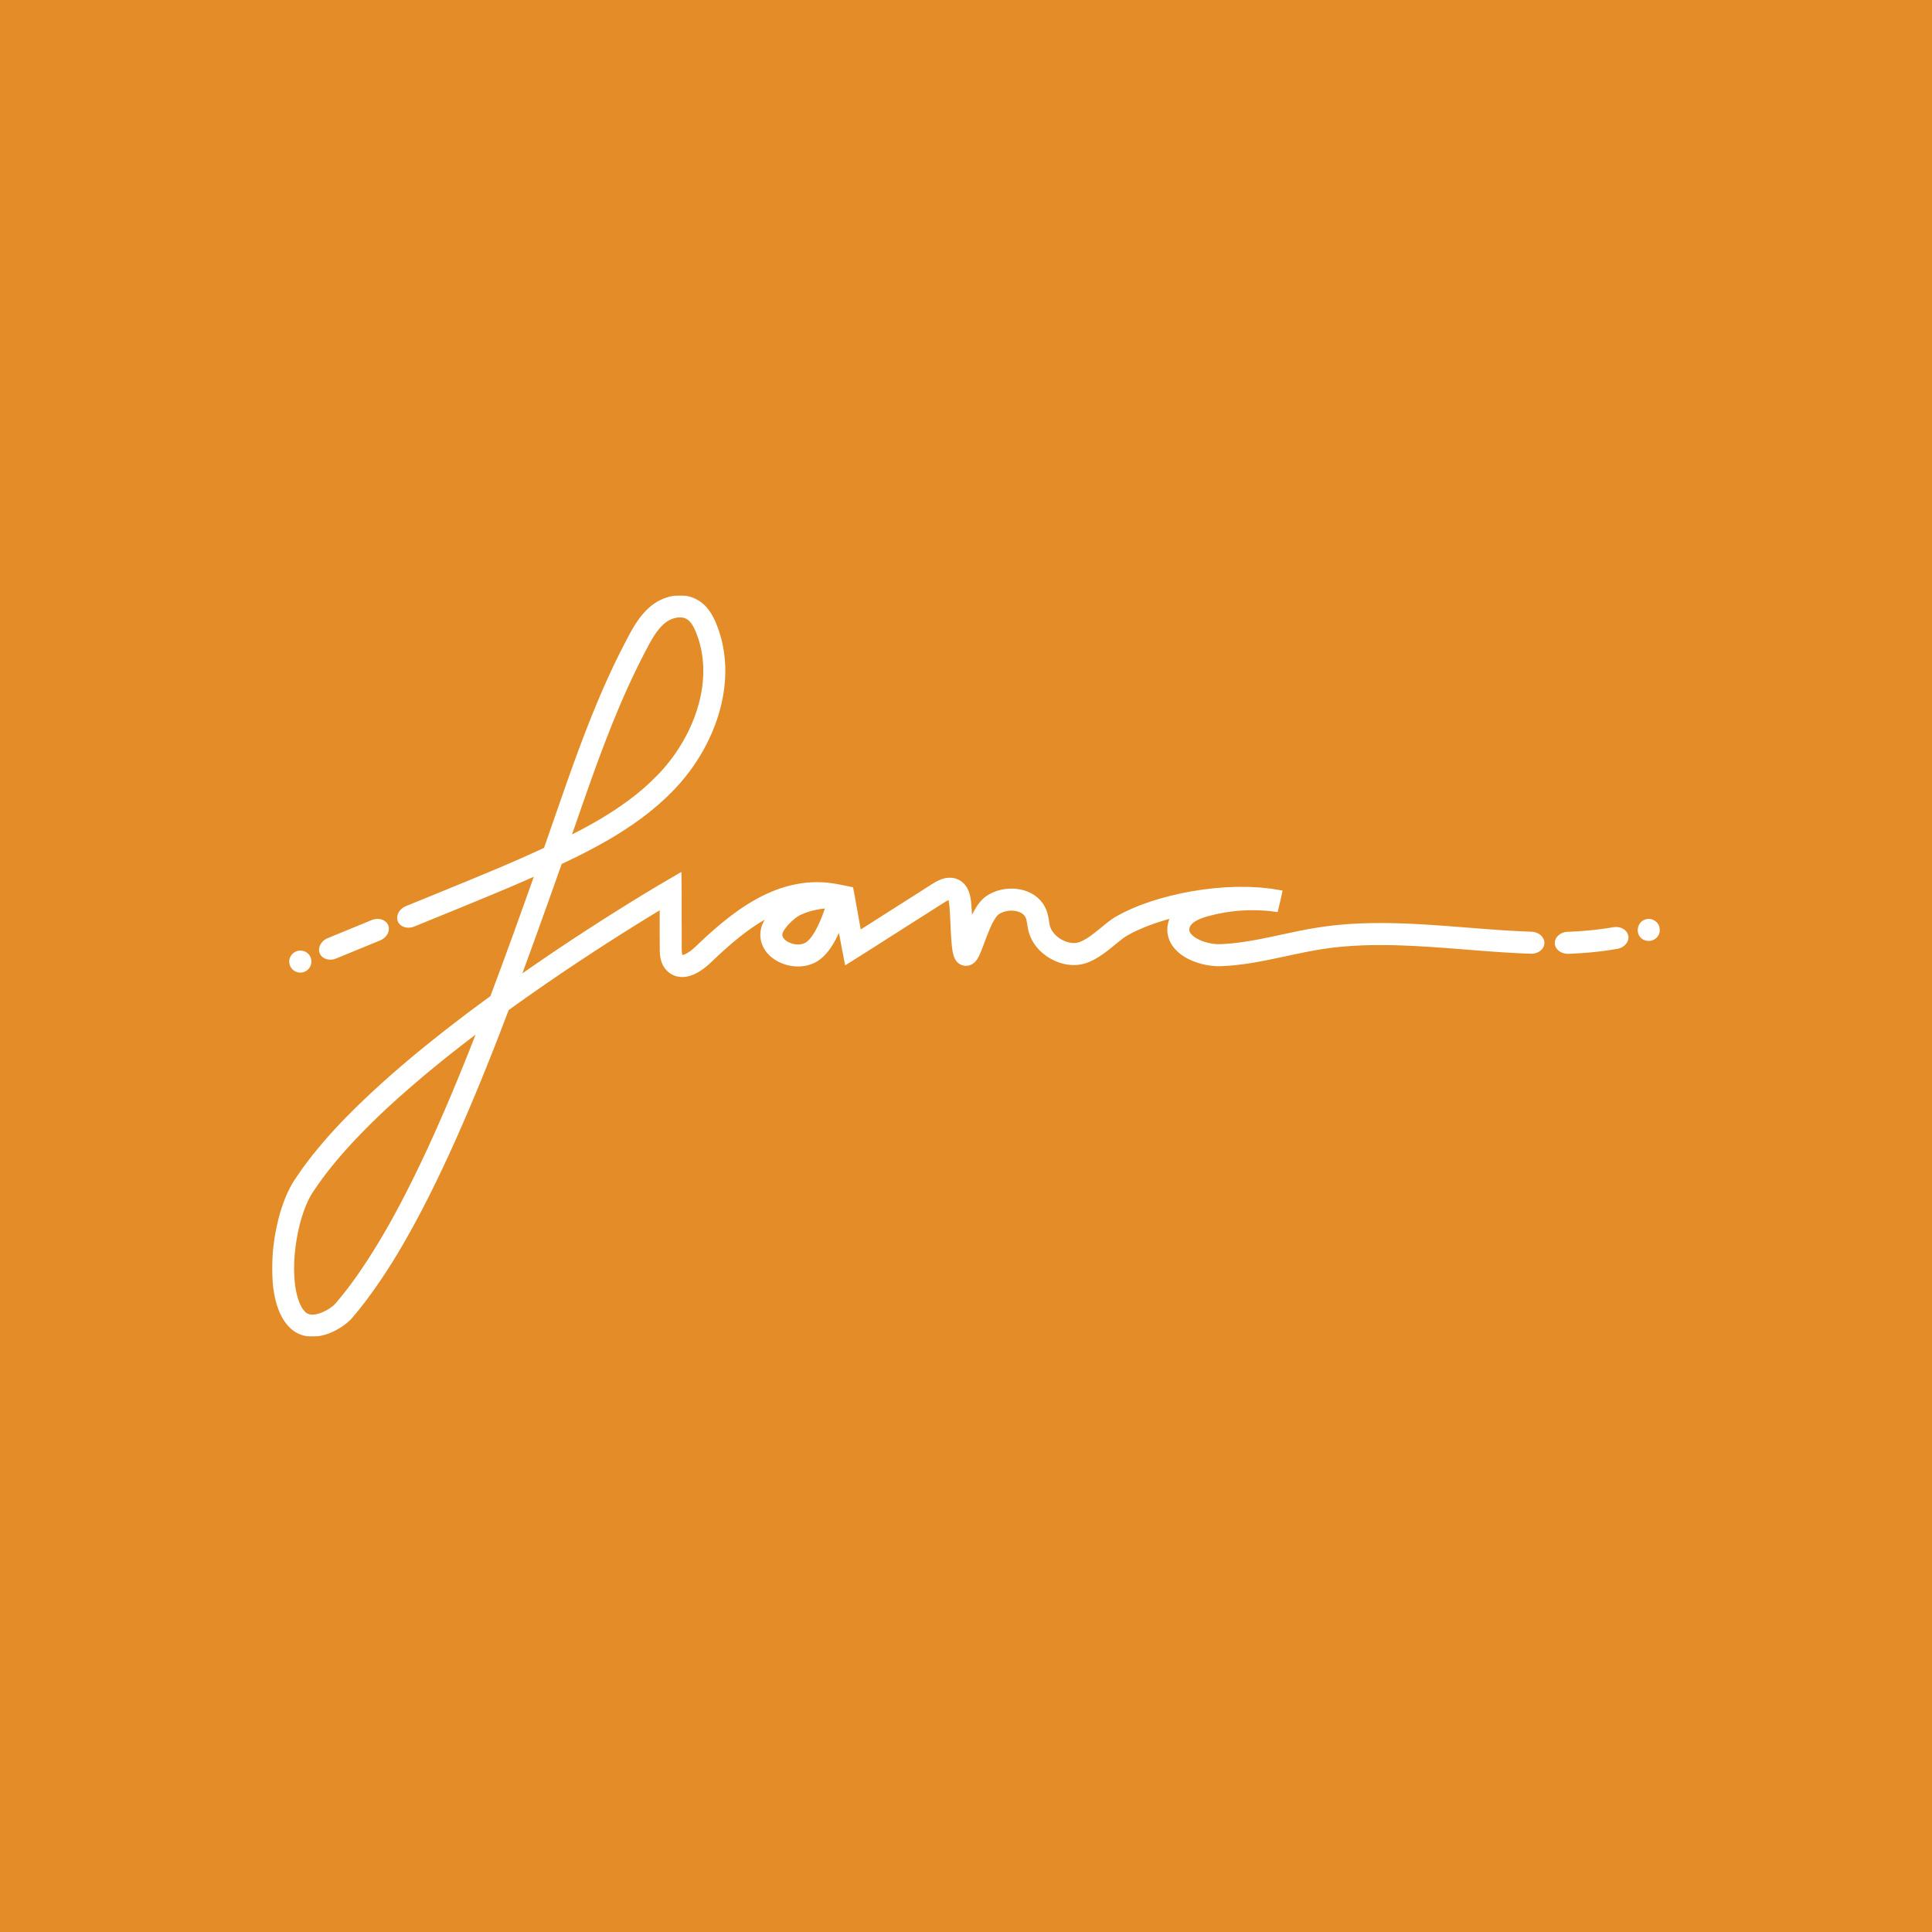 Vestida de flores - Diseño logotipo Franc